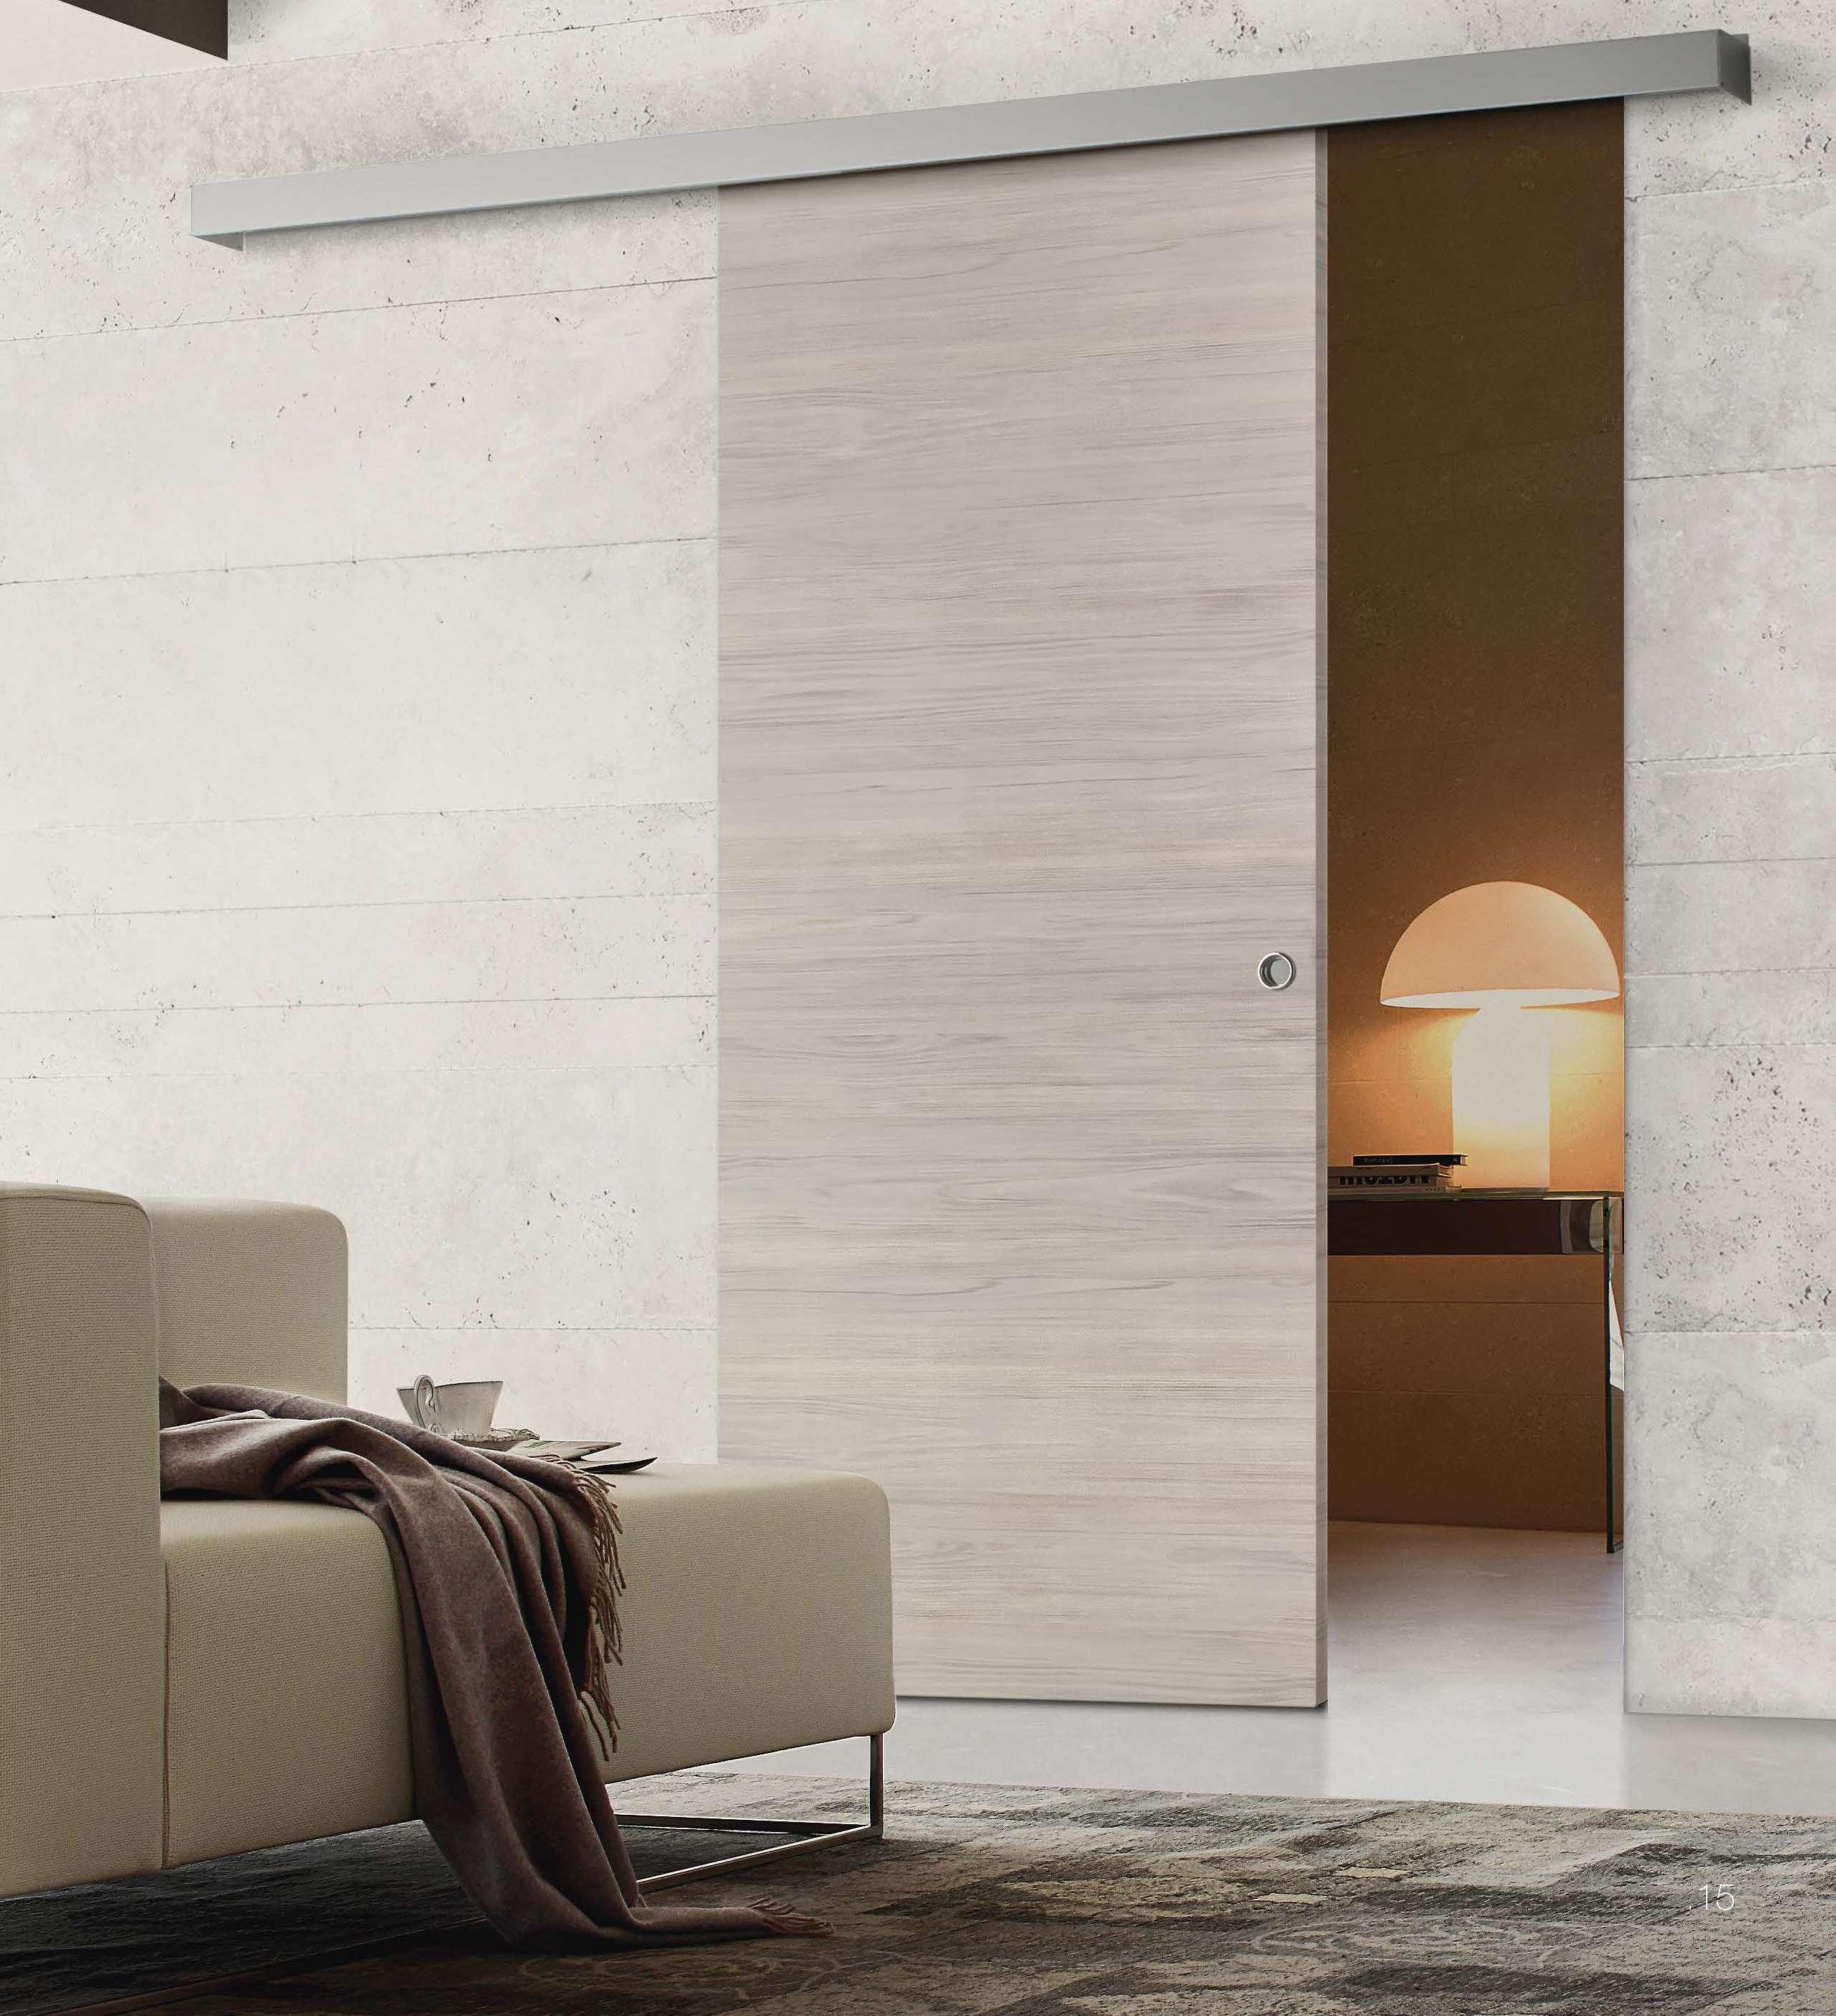 Porte Rovere Sbiancato Spazzolato porte scorrevoli esterno muro in laminato design e gusto